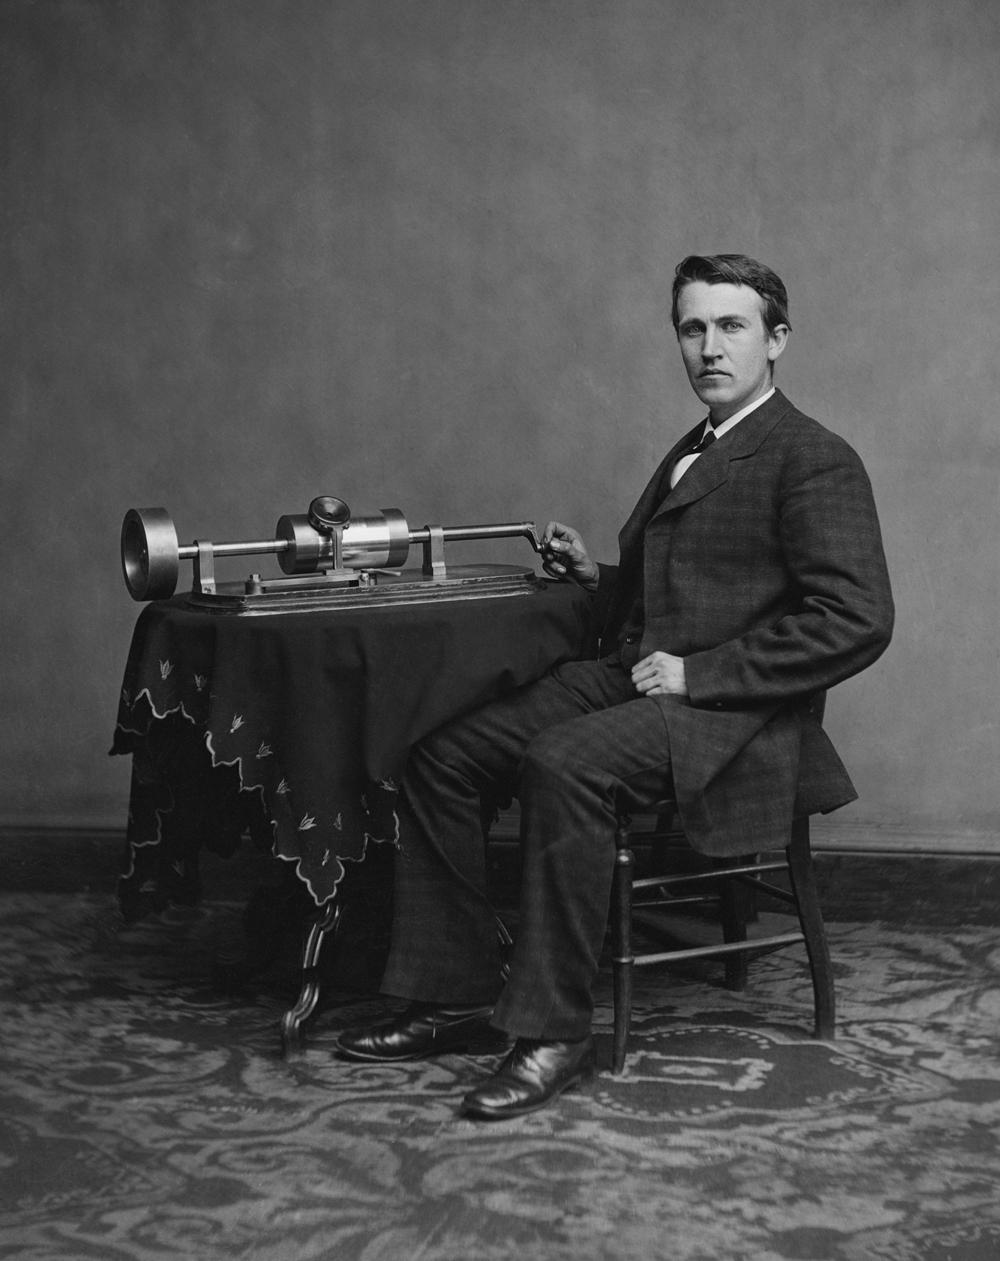 Thomas Edison mit dem ersten Aufnahmegerät der Welt – seinem Phonographen. Abbildung: Wikimedia Commons/Levin C. Handy